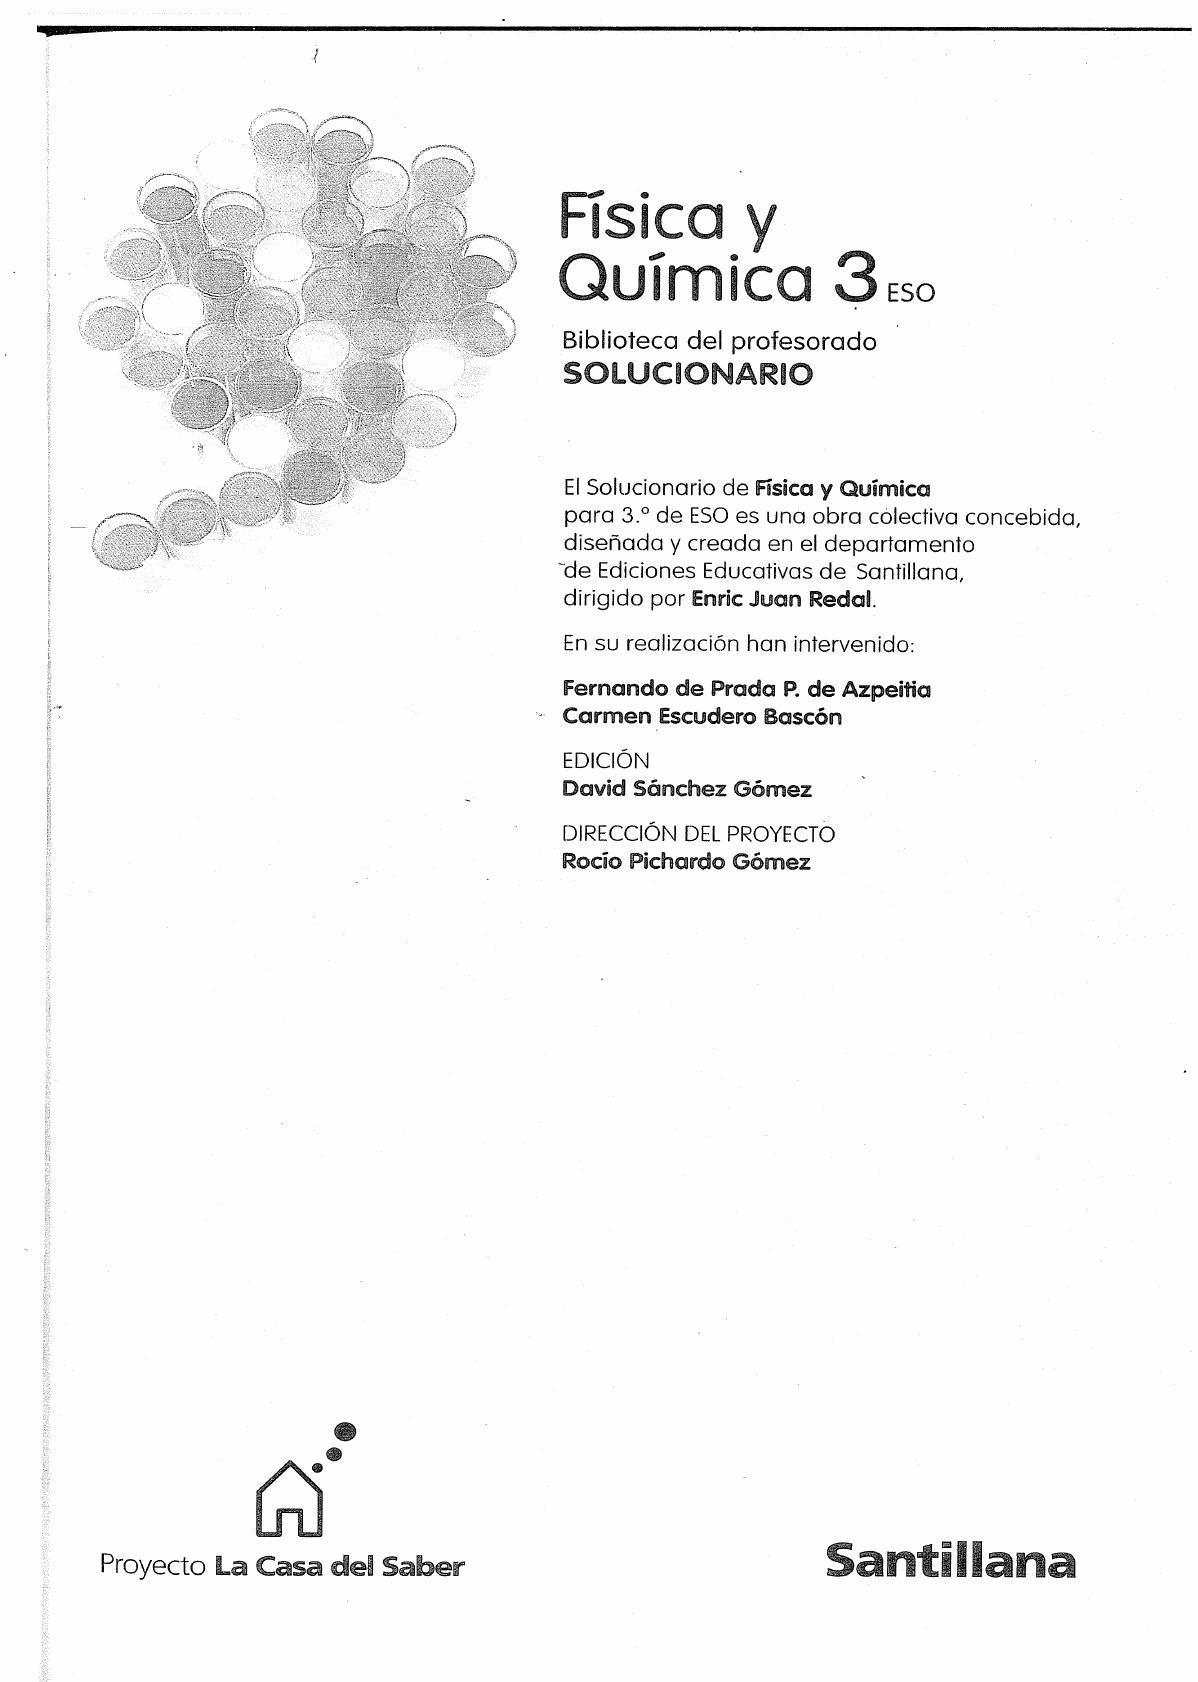 Solucionario Fisica Y Quimica 3º Eso Santillana Documents Química Física Proyectos De Física